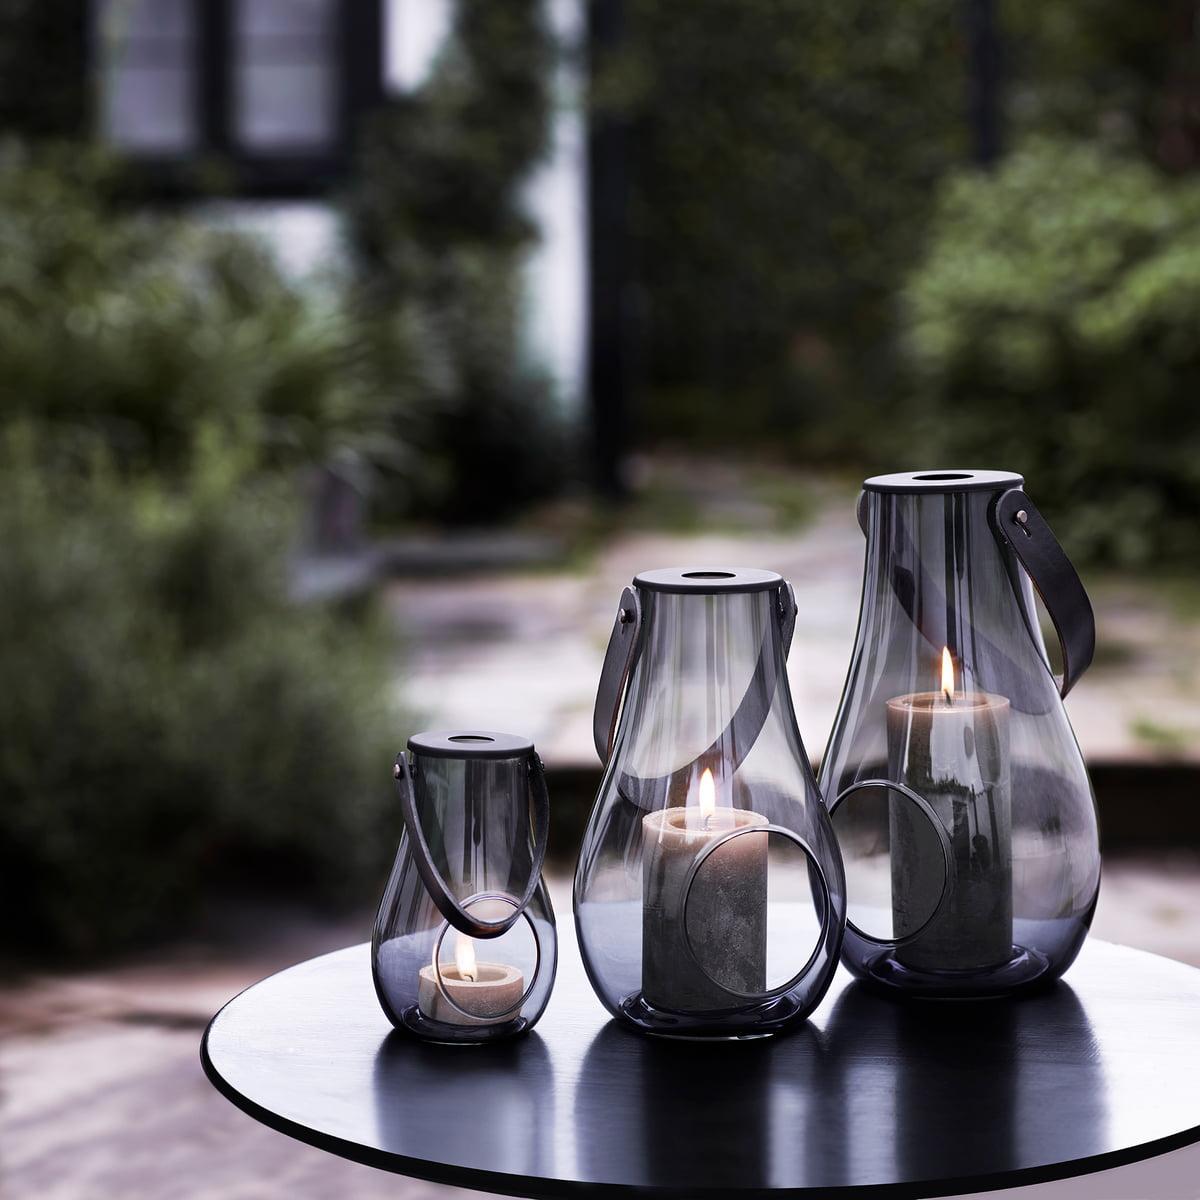 Startseite · Kategorien · Wohnaccessoires · Dekoration · Windlichter ·  Design With Light Laterne Von Holmegaard